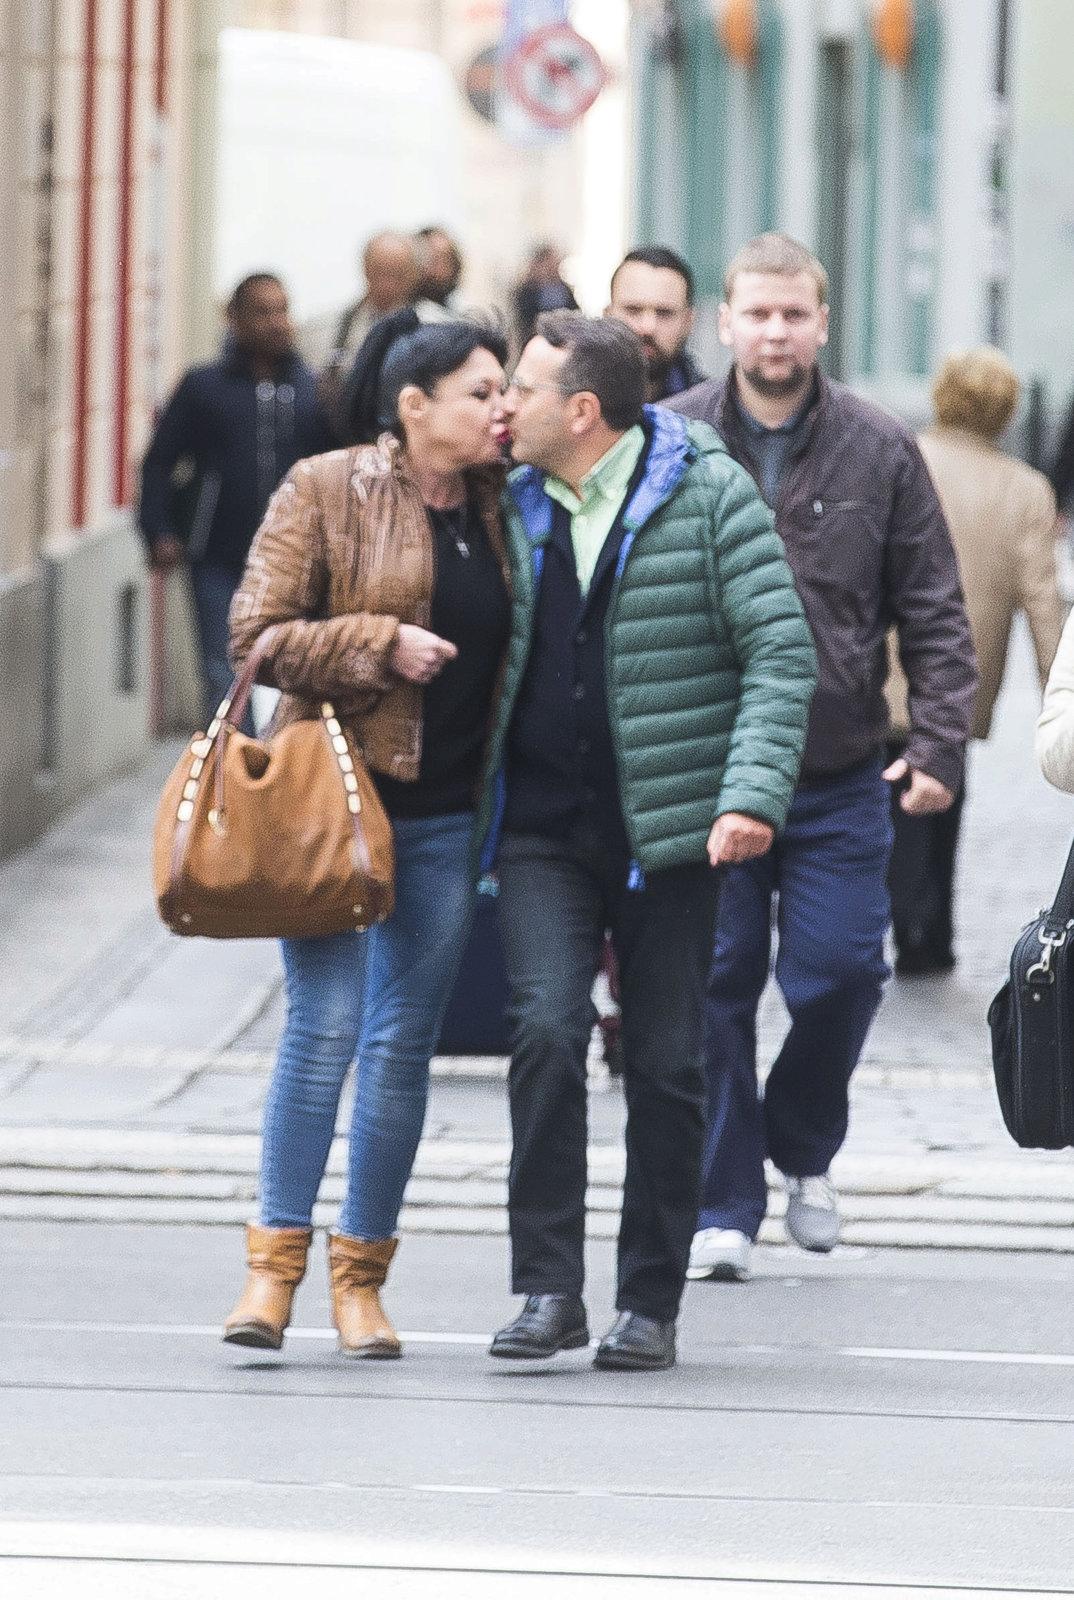 Při procházce Prahou se Dáda Patrasová s italským milencem Vitem drželi za ruce a líbali se.